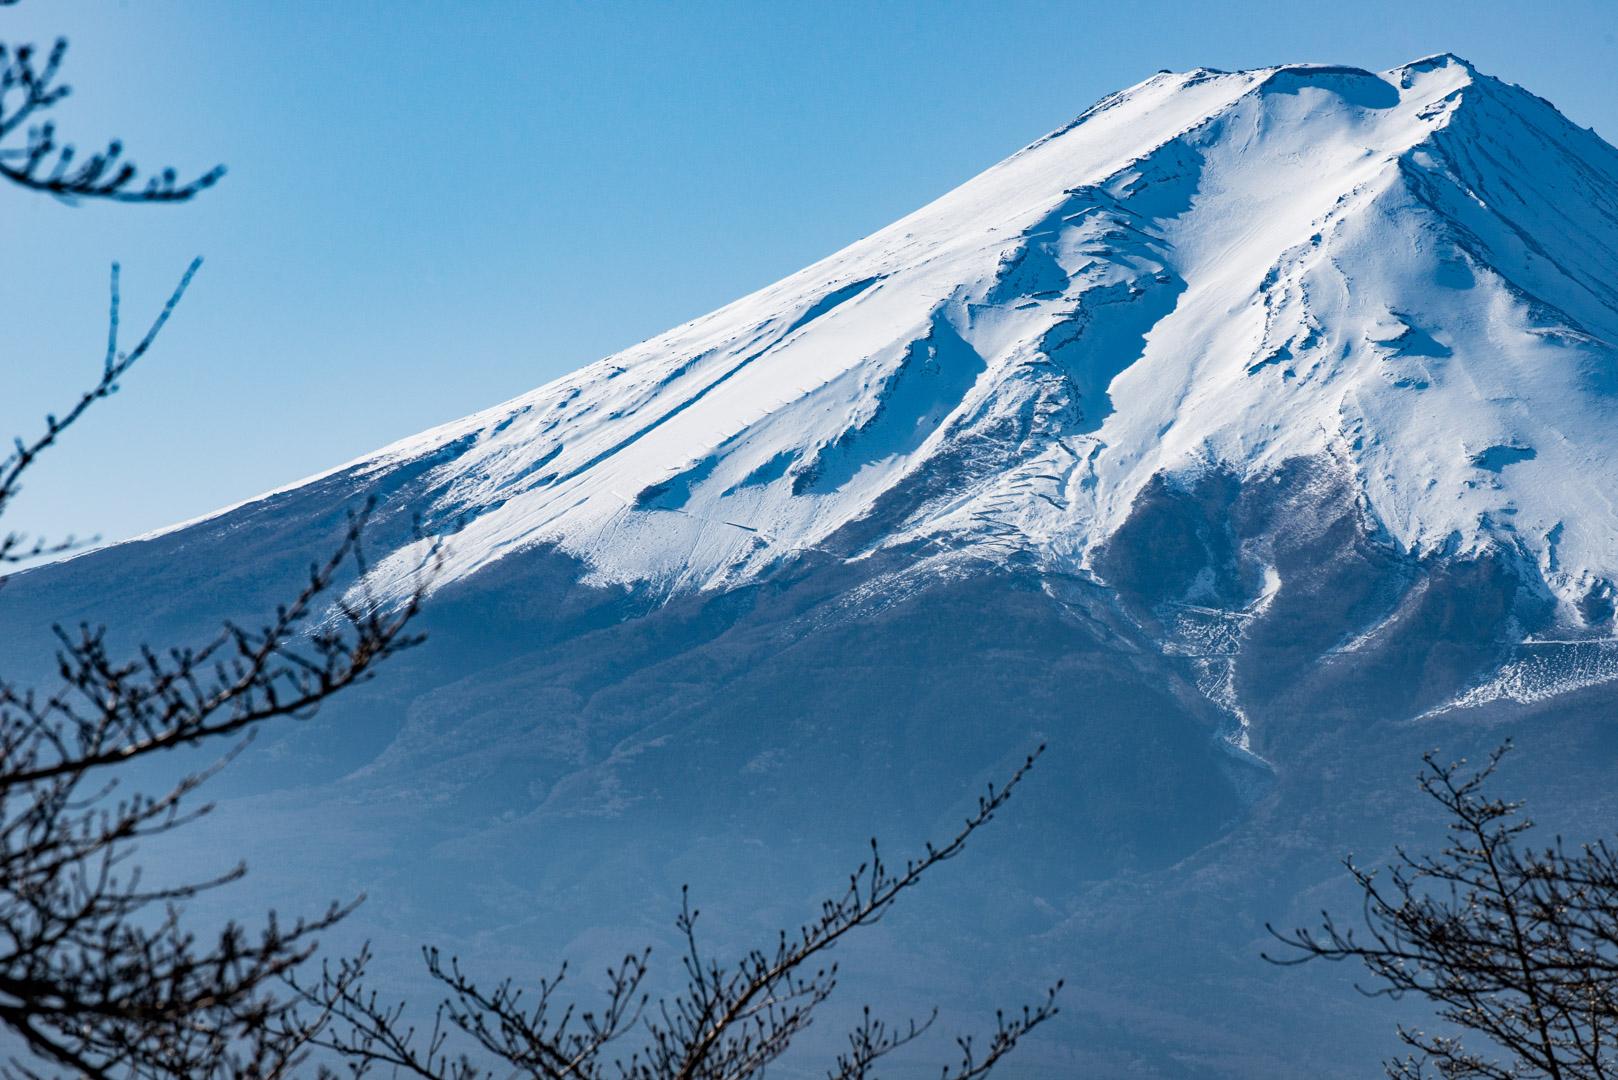 ผลการค้นหารูปภาพสำหรับ อุทยานแห่งชาติฟูจิ ฮะโกะเนะ อิซุ (Fuji Hakone Izu National Park) ประเทศญี่ปุ่น